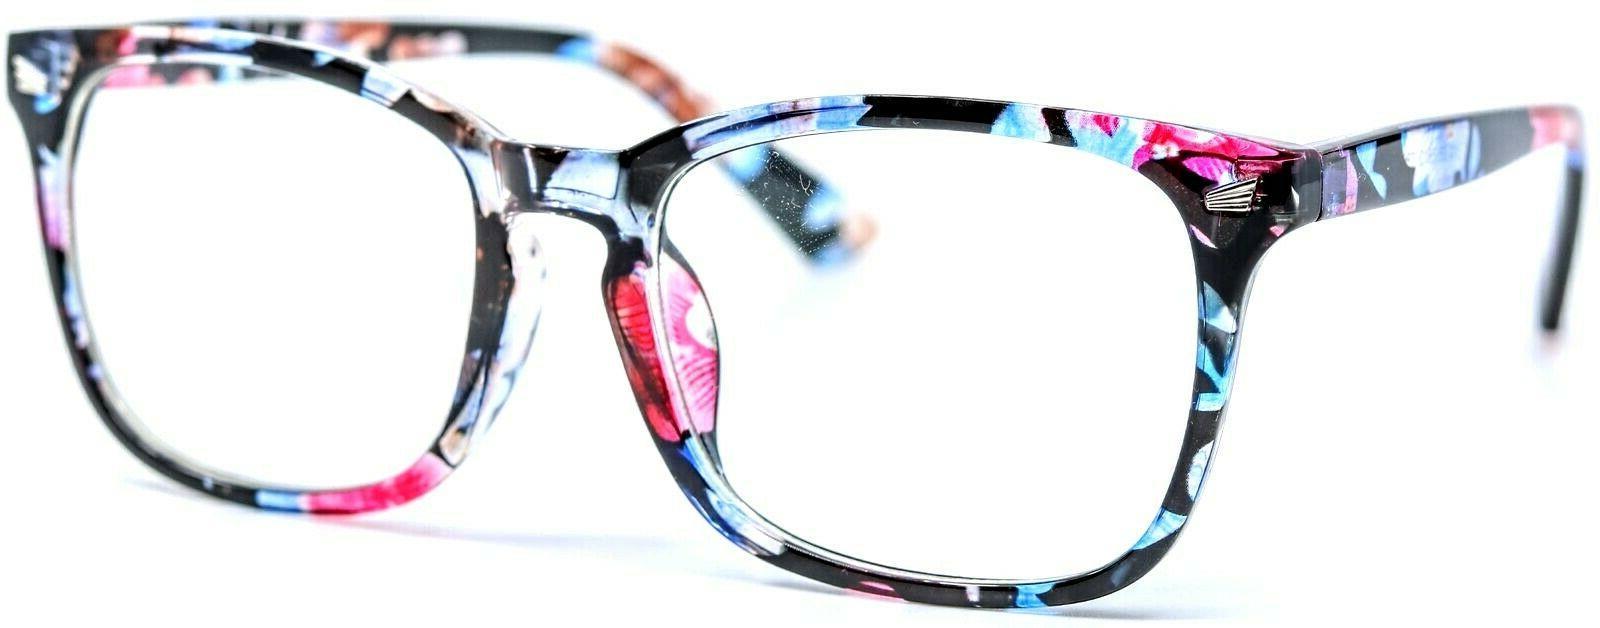 Agstum Flowers Eyewear Eyeglasses 53-15-140